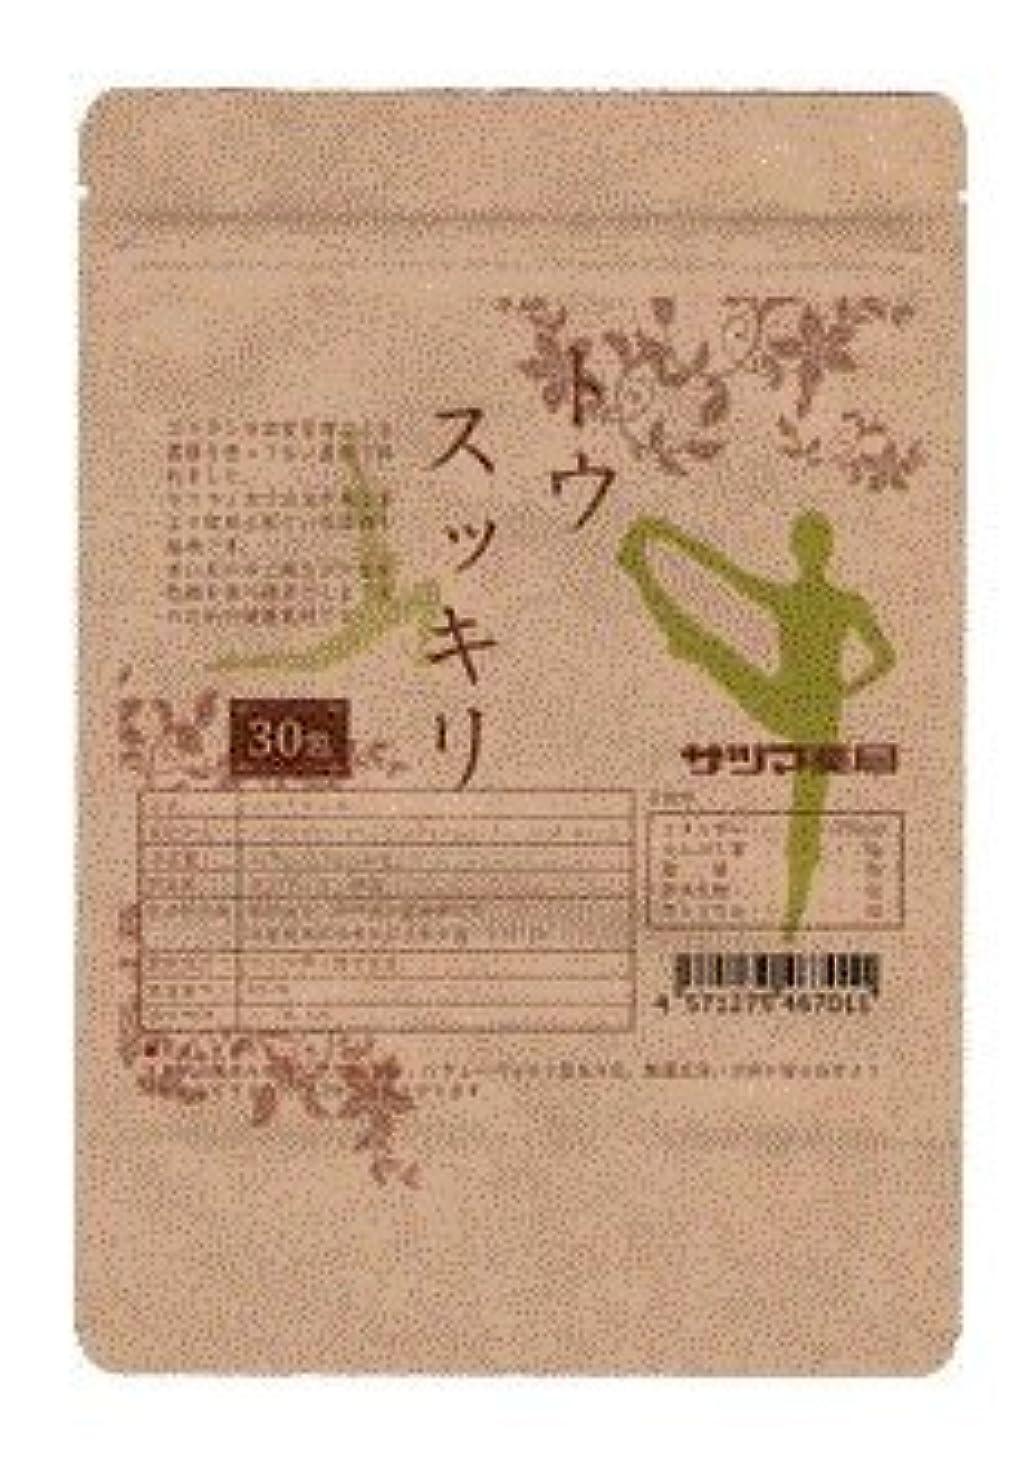 複製出します恥〔サツマ薬局〕 トウスッキリ 高濃度コタラヒム茶(ティーパック) 30包